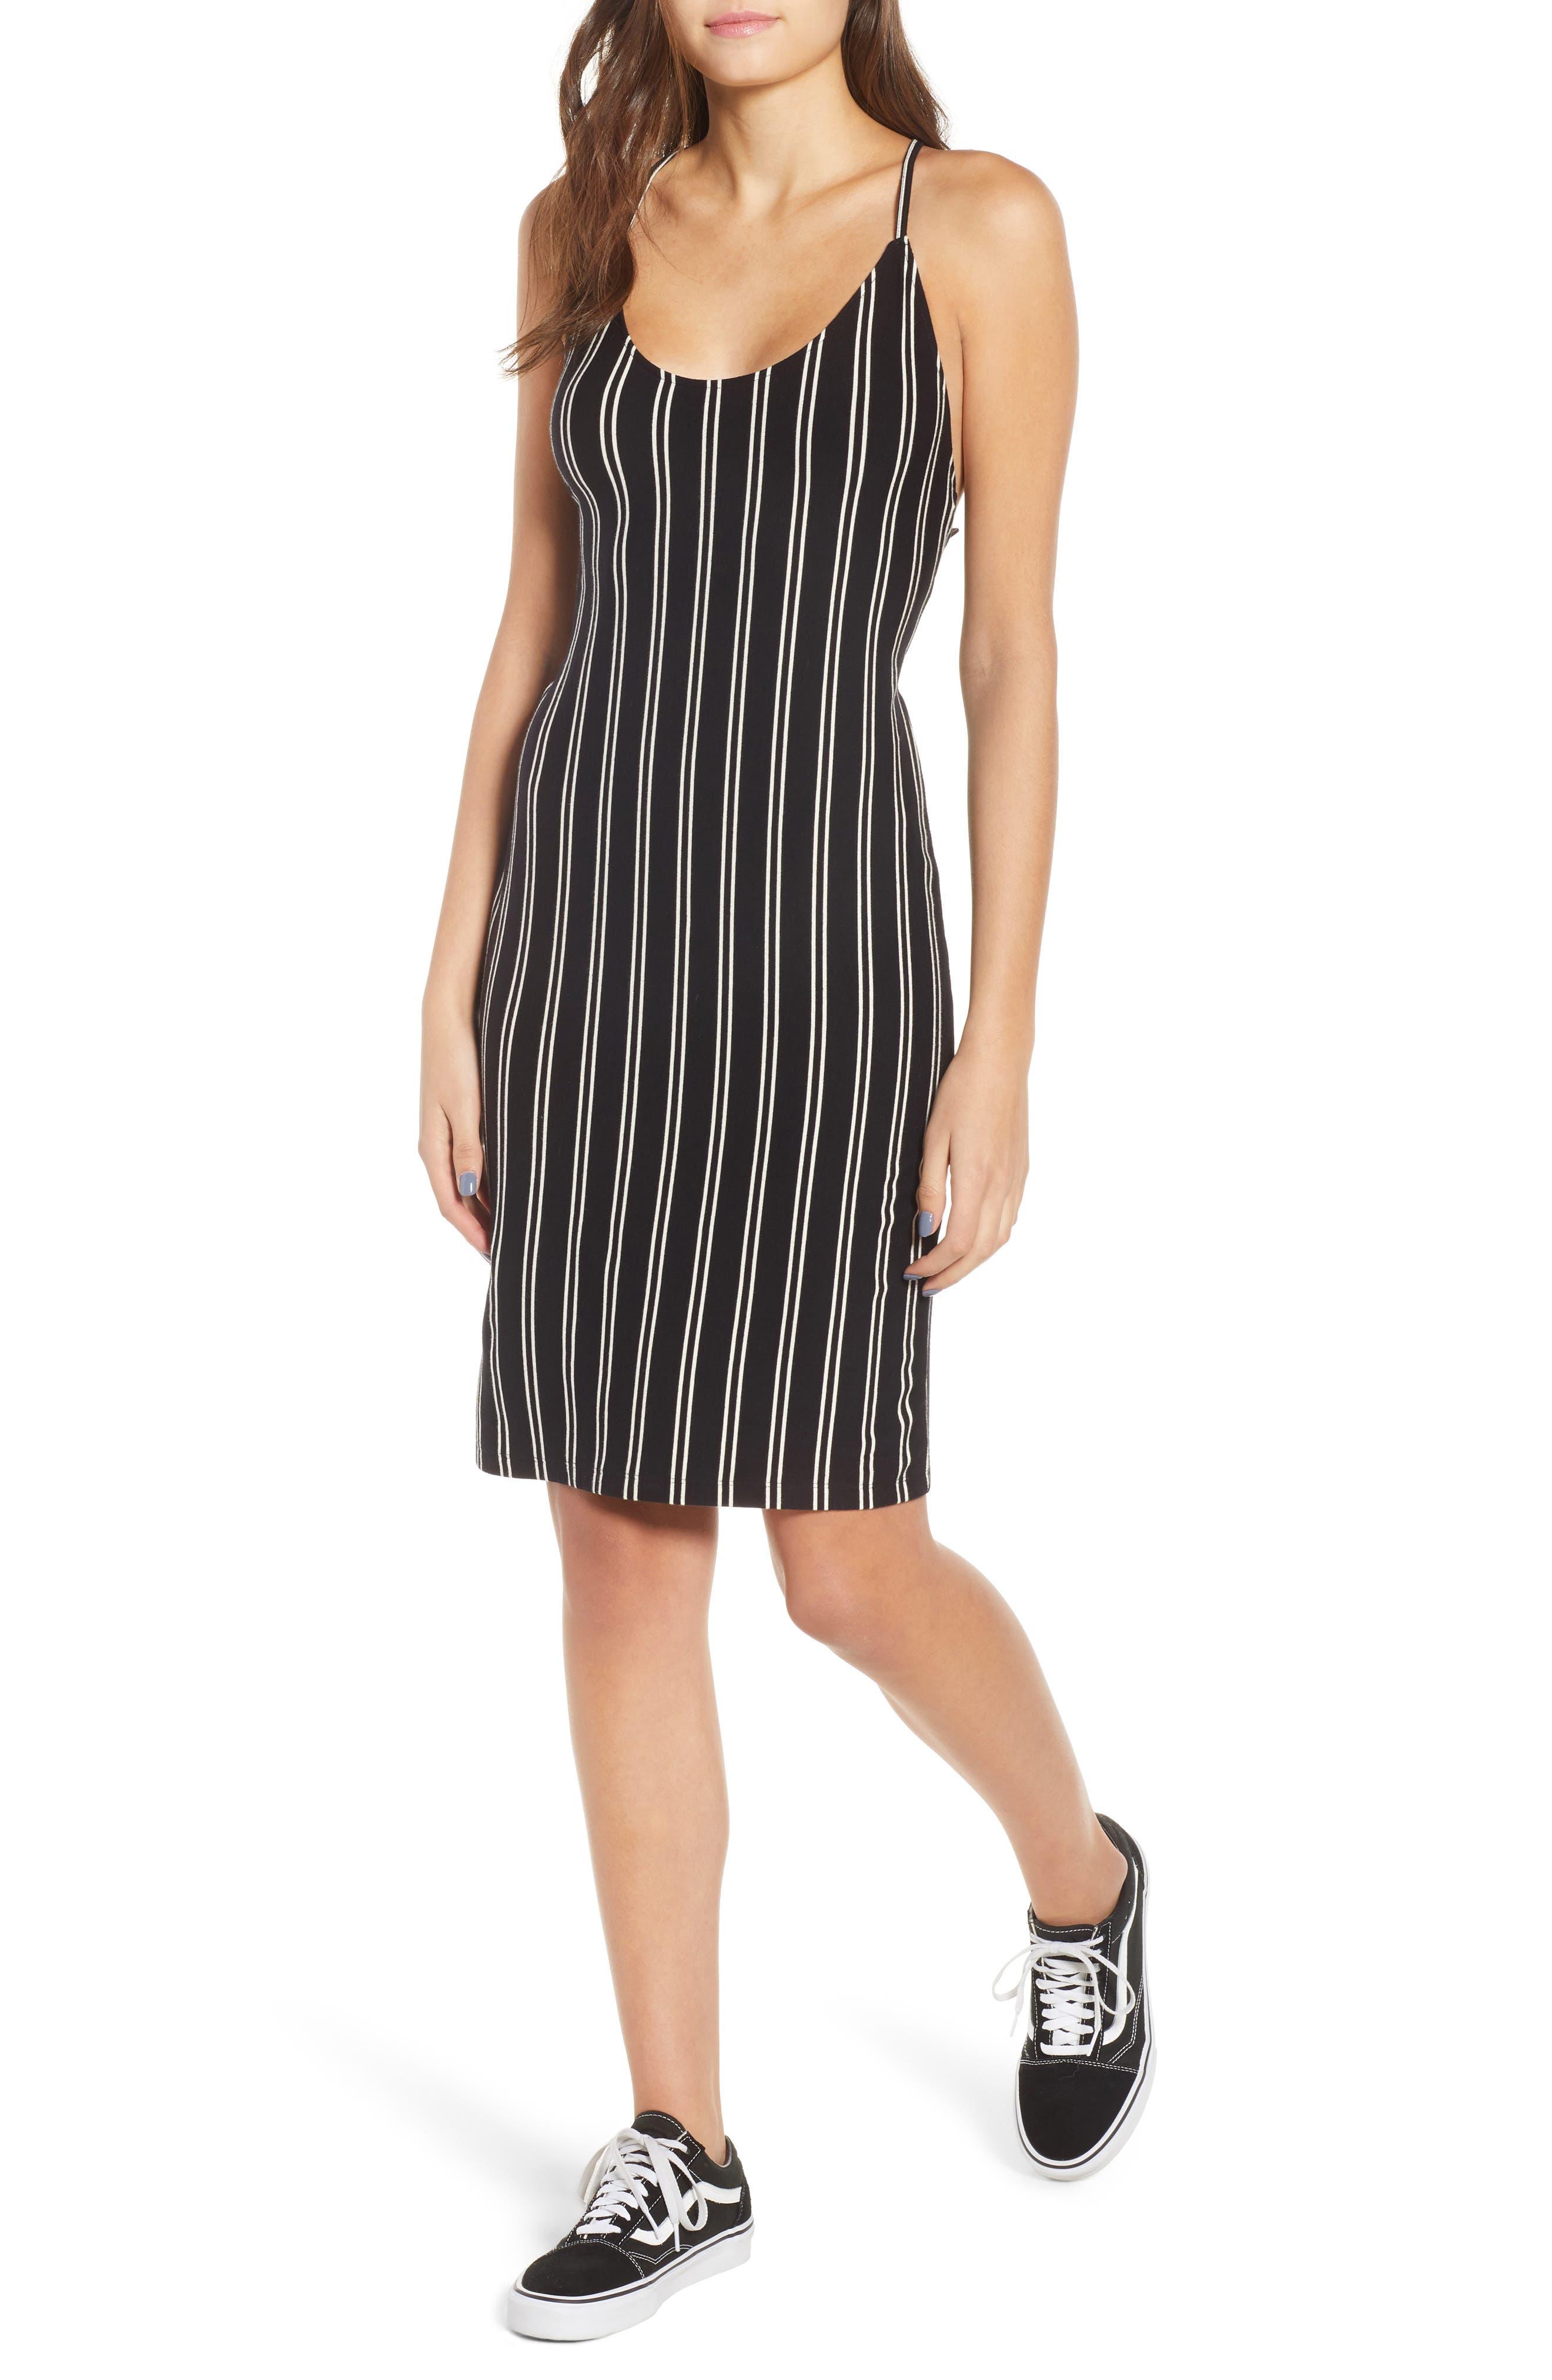 Lockette Strappy Striped Dress,                         Main,                         color,